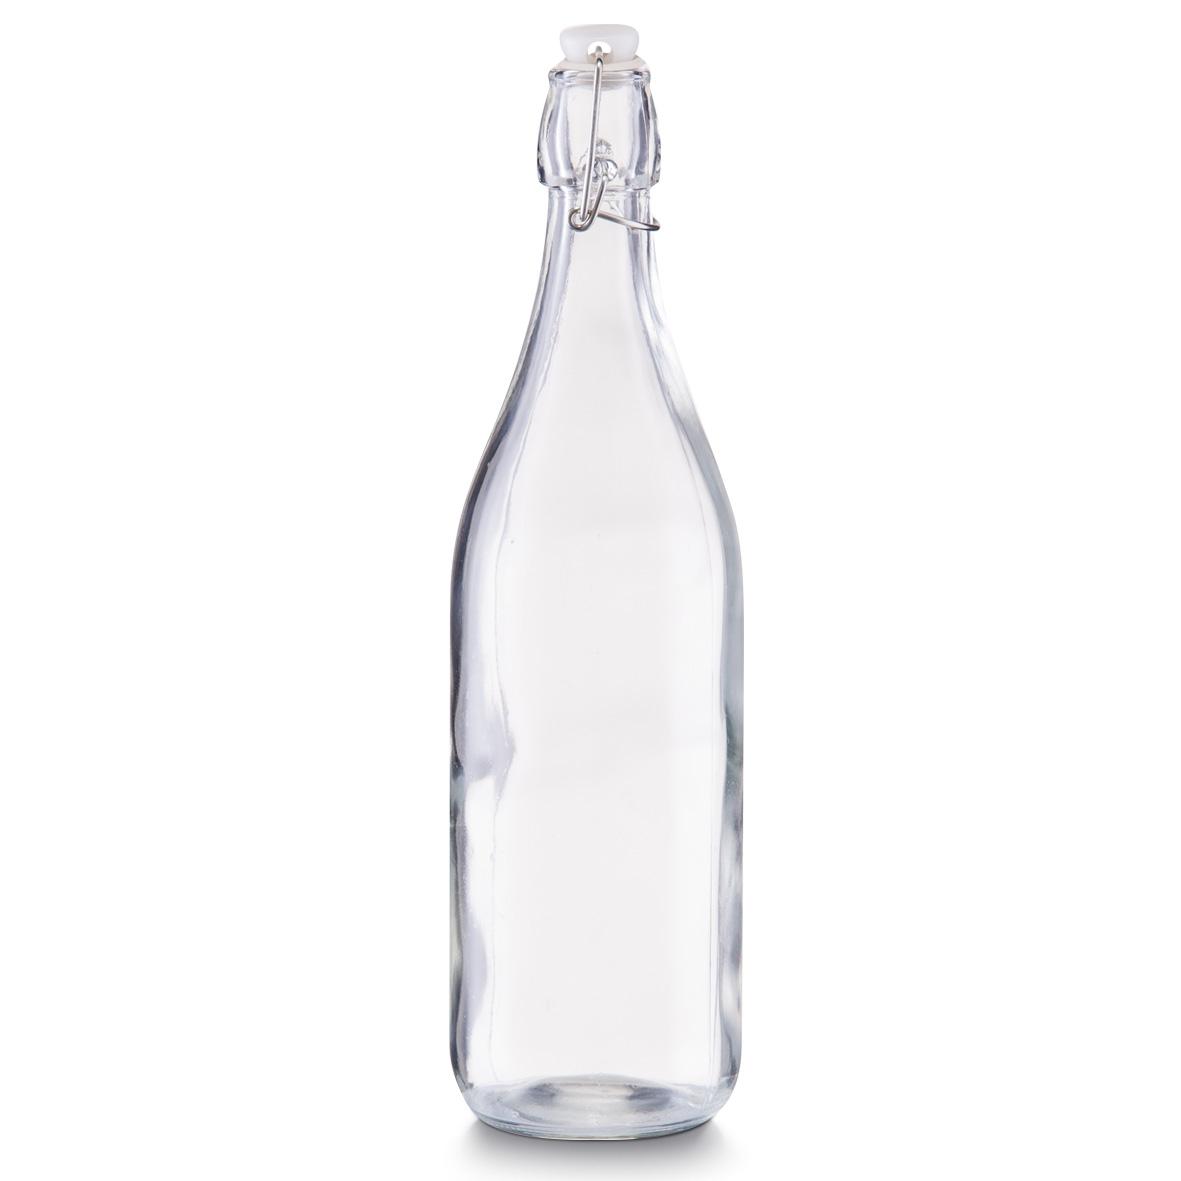 Sticla cu inchidere ermetica Regular, 1000 ml, Ø 8,5xH32 cm imagine